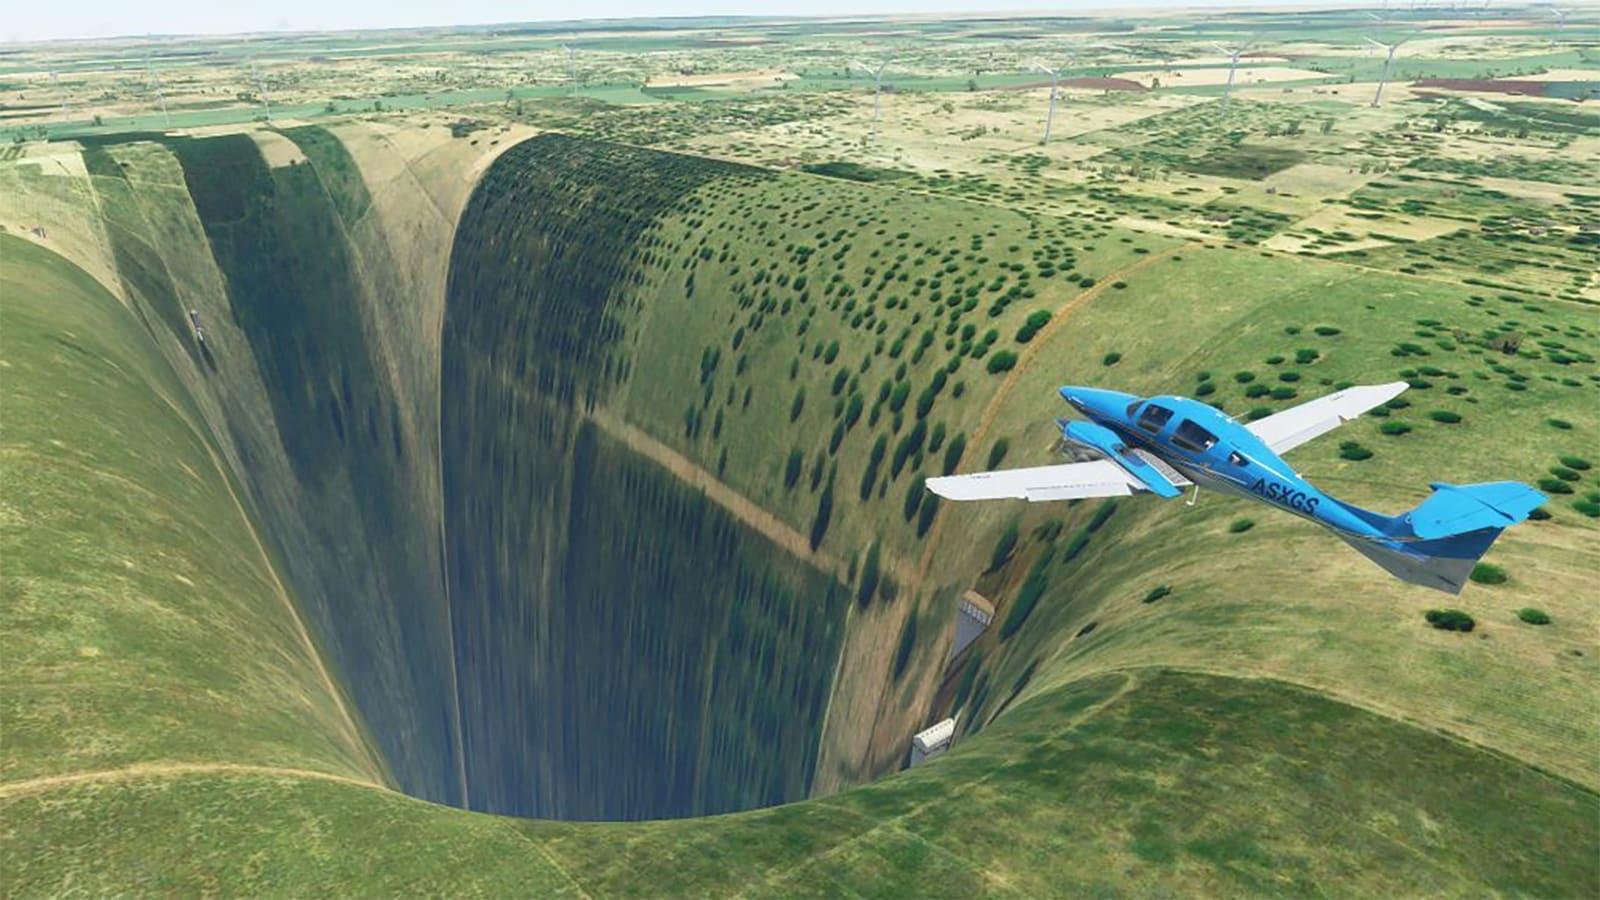 """هوة مخيفة تظهر في برنامج محاكاة طيران لشركة """"مايكروسوفت"""""""